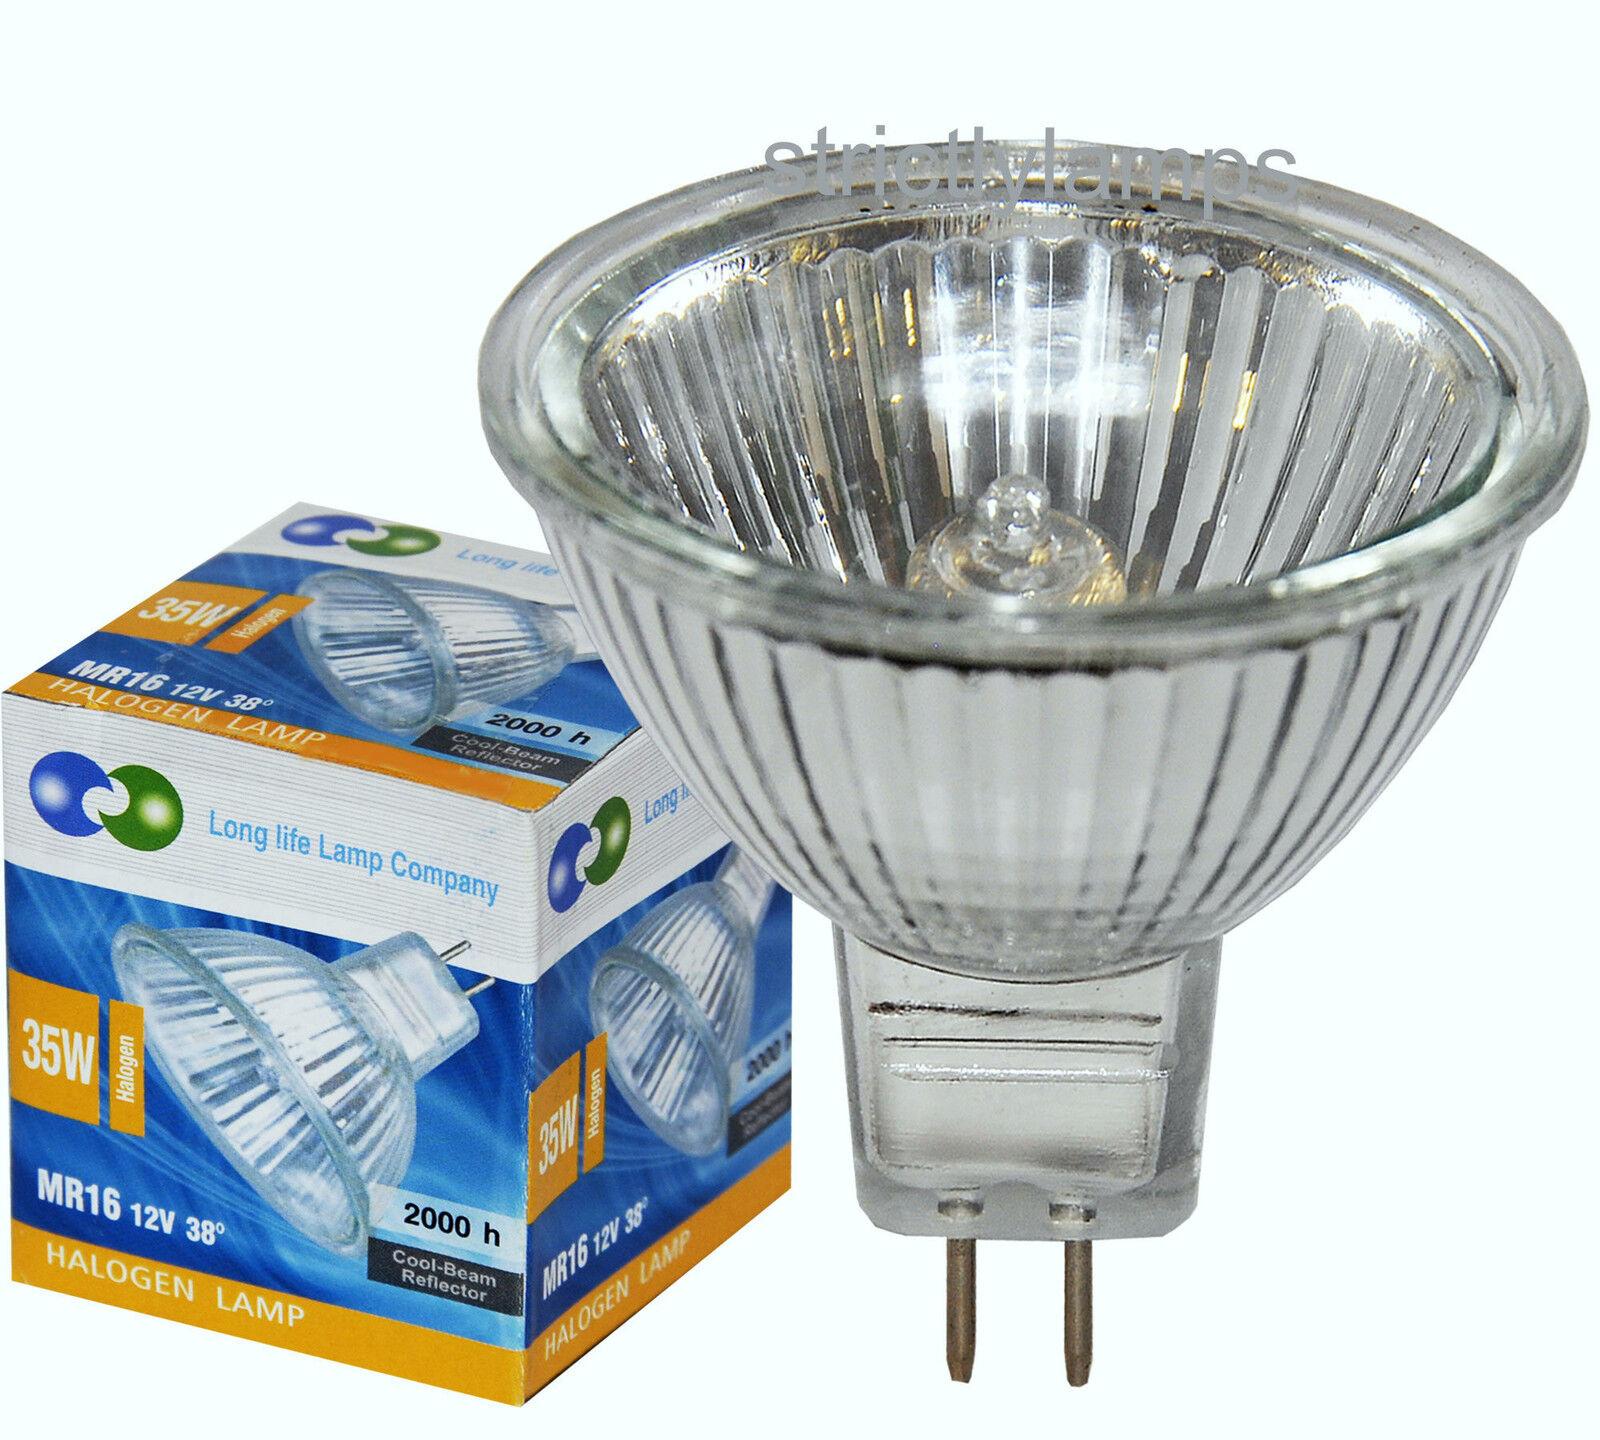 20x Mr16 35w Halogen Light Bulbs 12v Look 10 Delivered